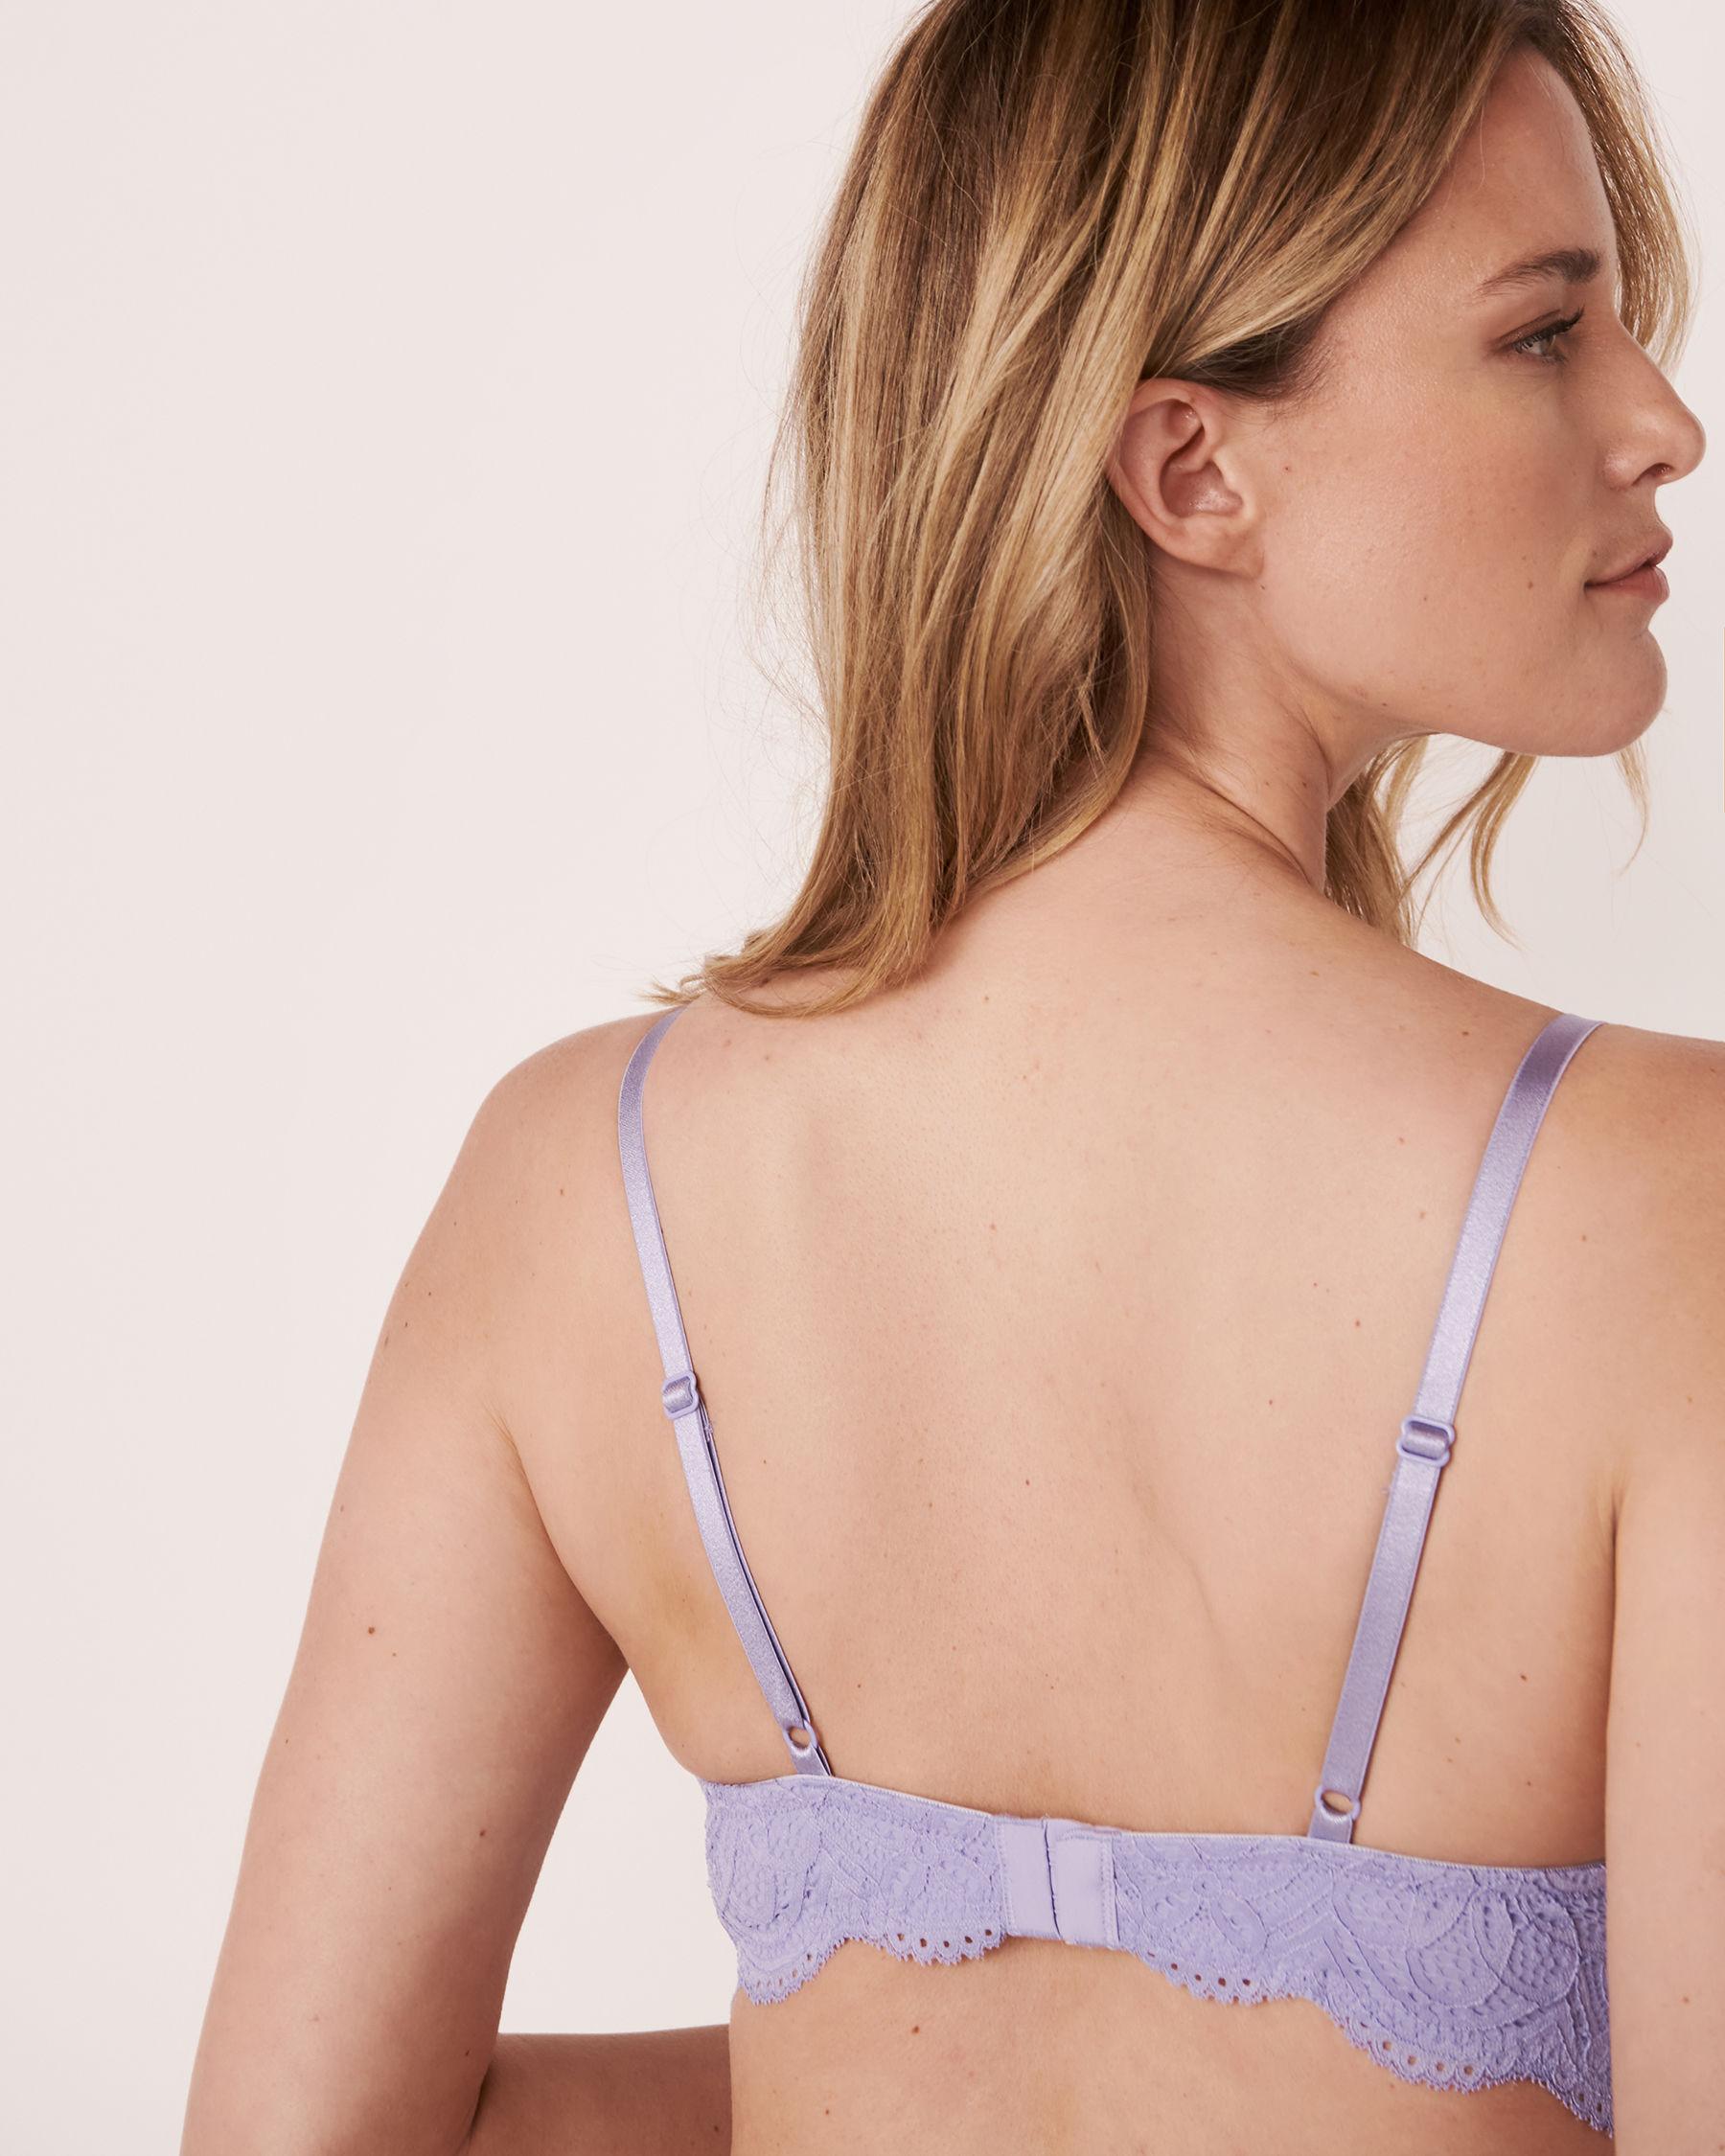 LA VIE EN ROSE Lightly Lined Wireless Bra Lavender 10200070 - View2